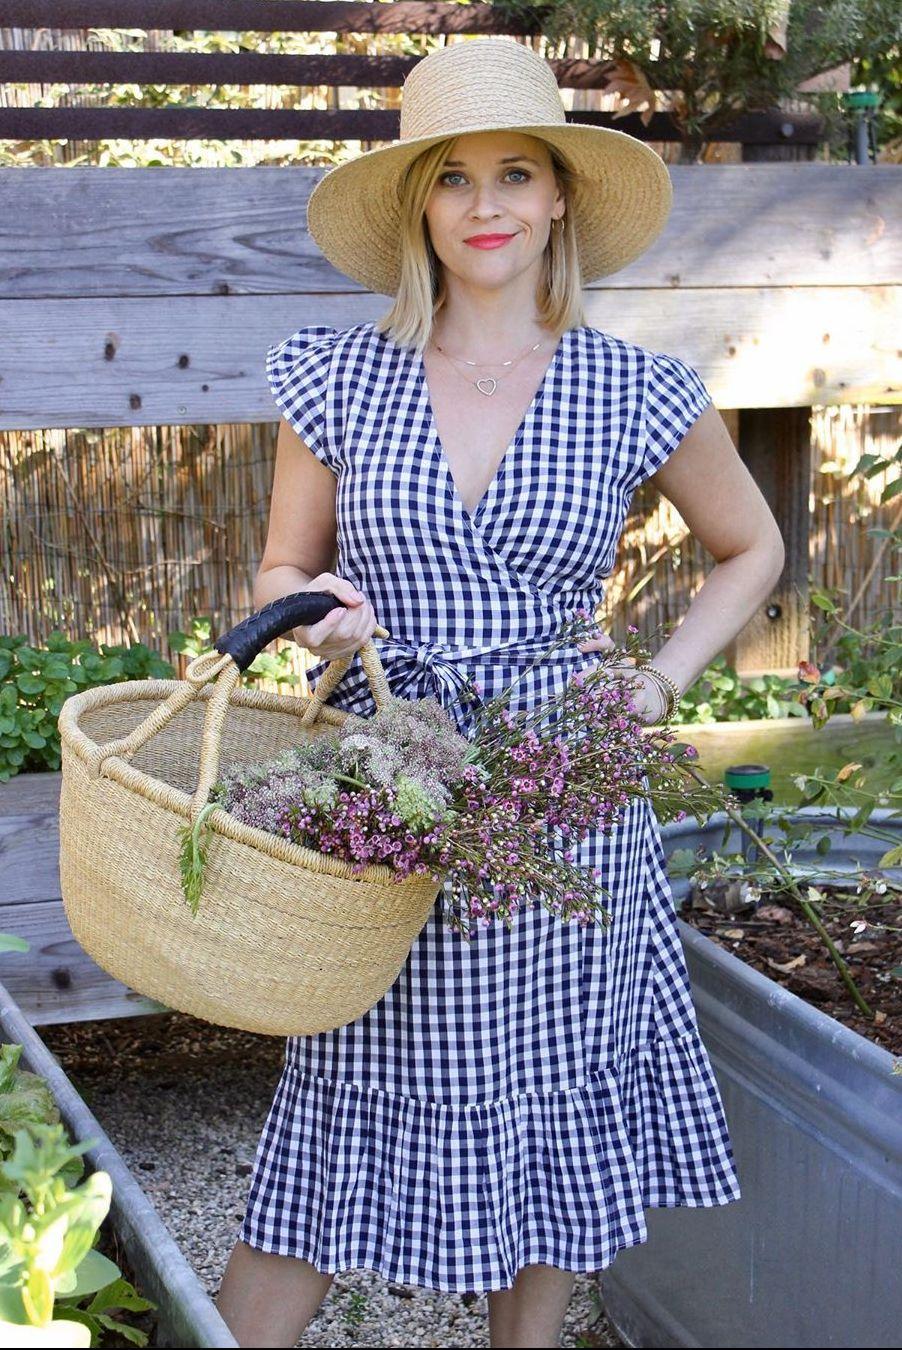 Blondynka ubrana w sukienki w krate ze słomianym kapeluszem na głowie i koszem pełnym kwiatów w rzece w szklarni